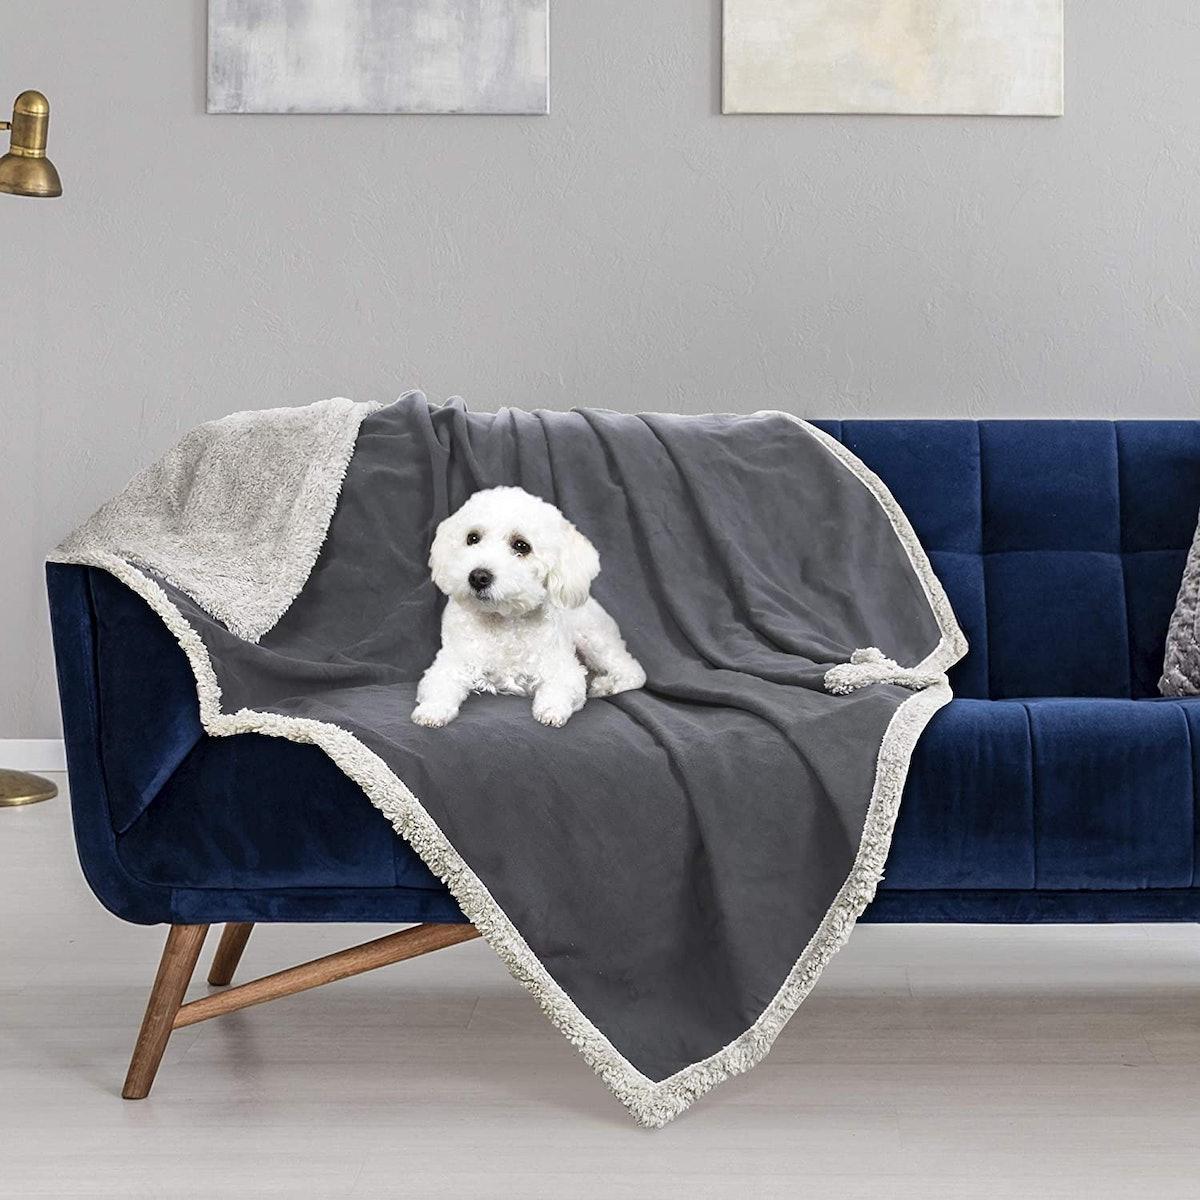 Pawsse Waterproof Pet Blanket